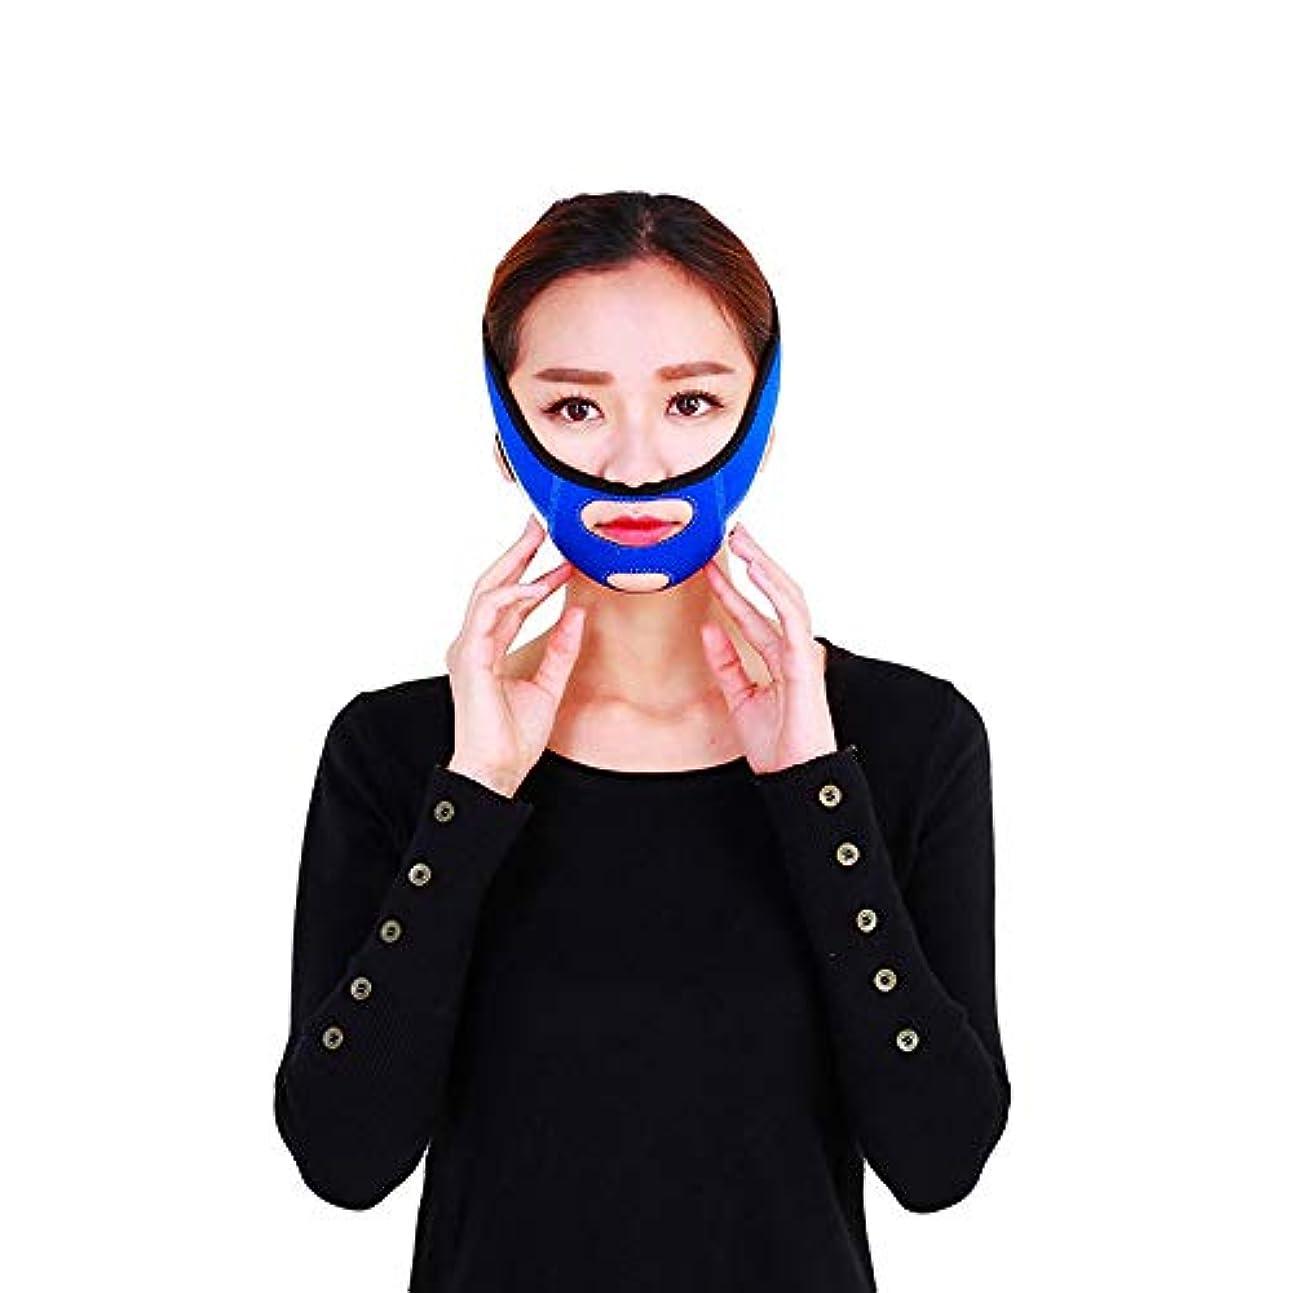 スキムコンチネンタル立派なフェイスリフトベルト 顔を持ち上げるベルト - 顔を持ち上げる包帯は、上顎顔面修正ツールを強力に強化し、顔面マスクのV字形の人工物